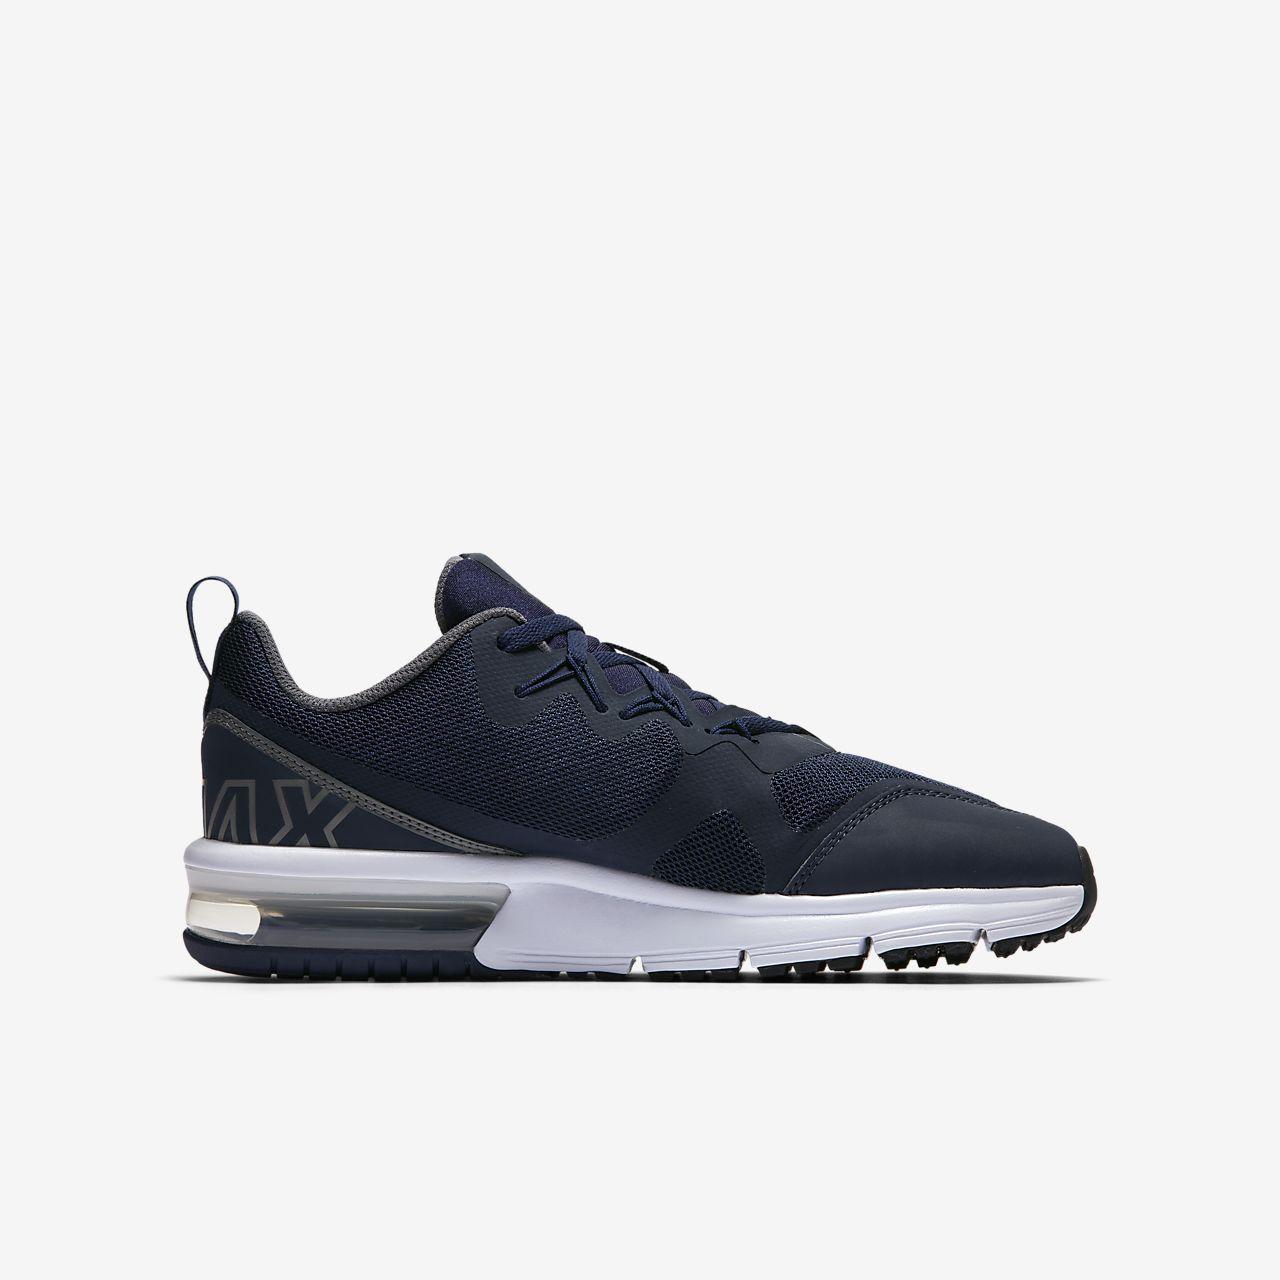 Chaussures Nike Air Max Course Hommes Fureur E6QlGO4p